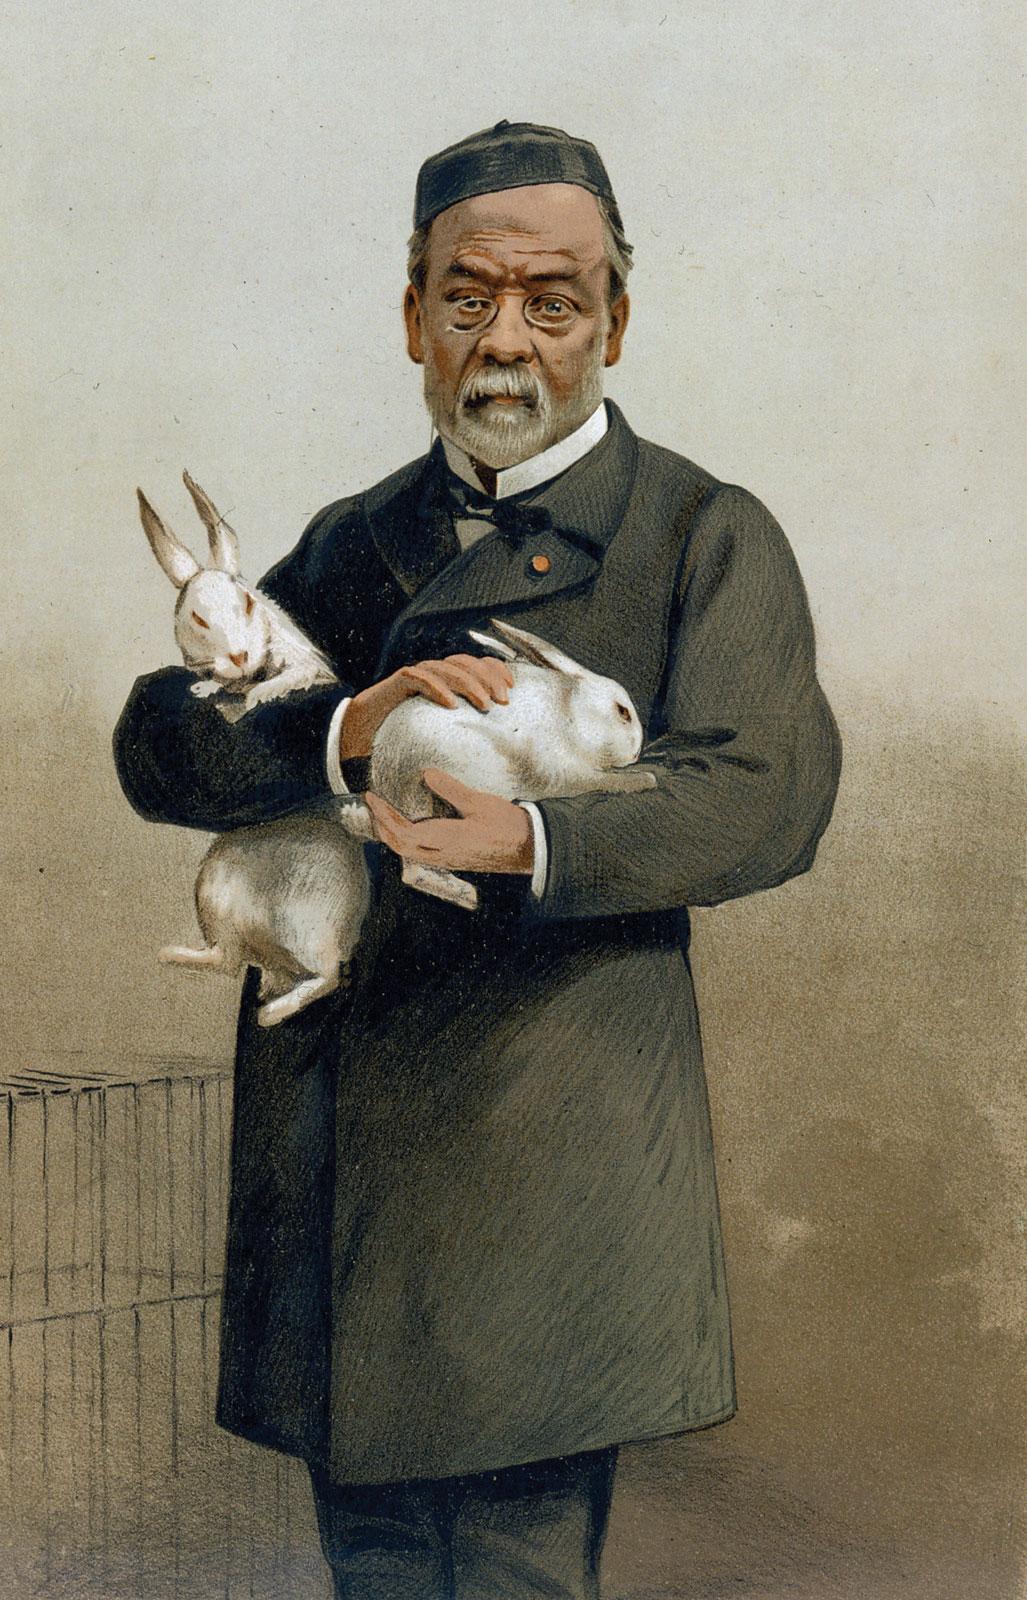 Louis Pasteur holding experimental rabbits